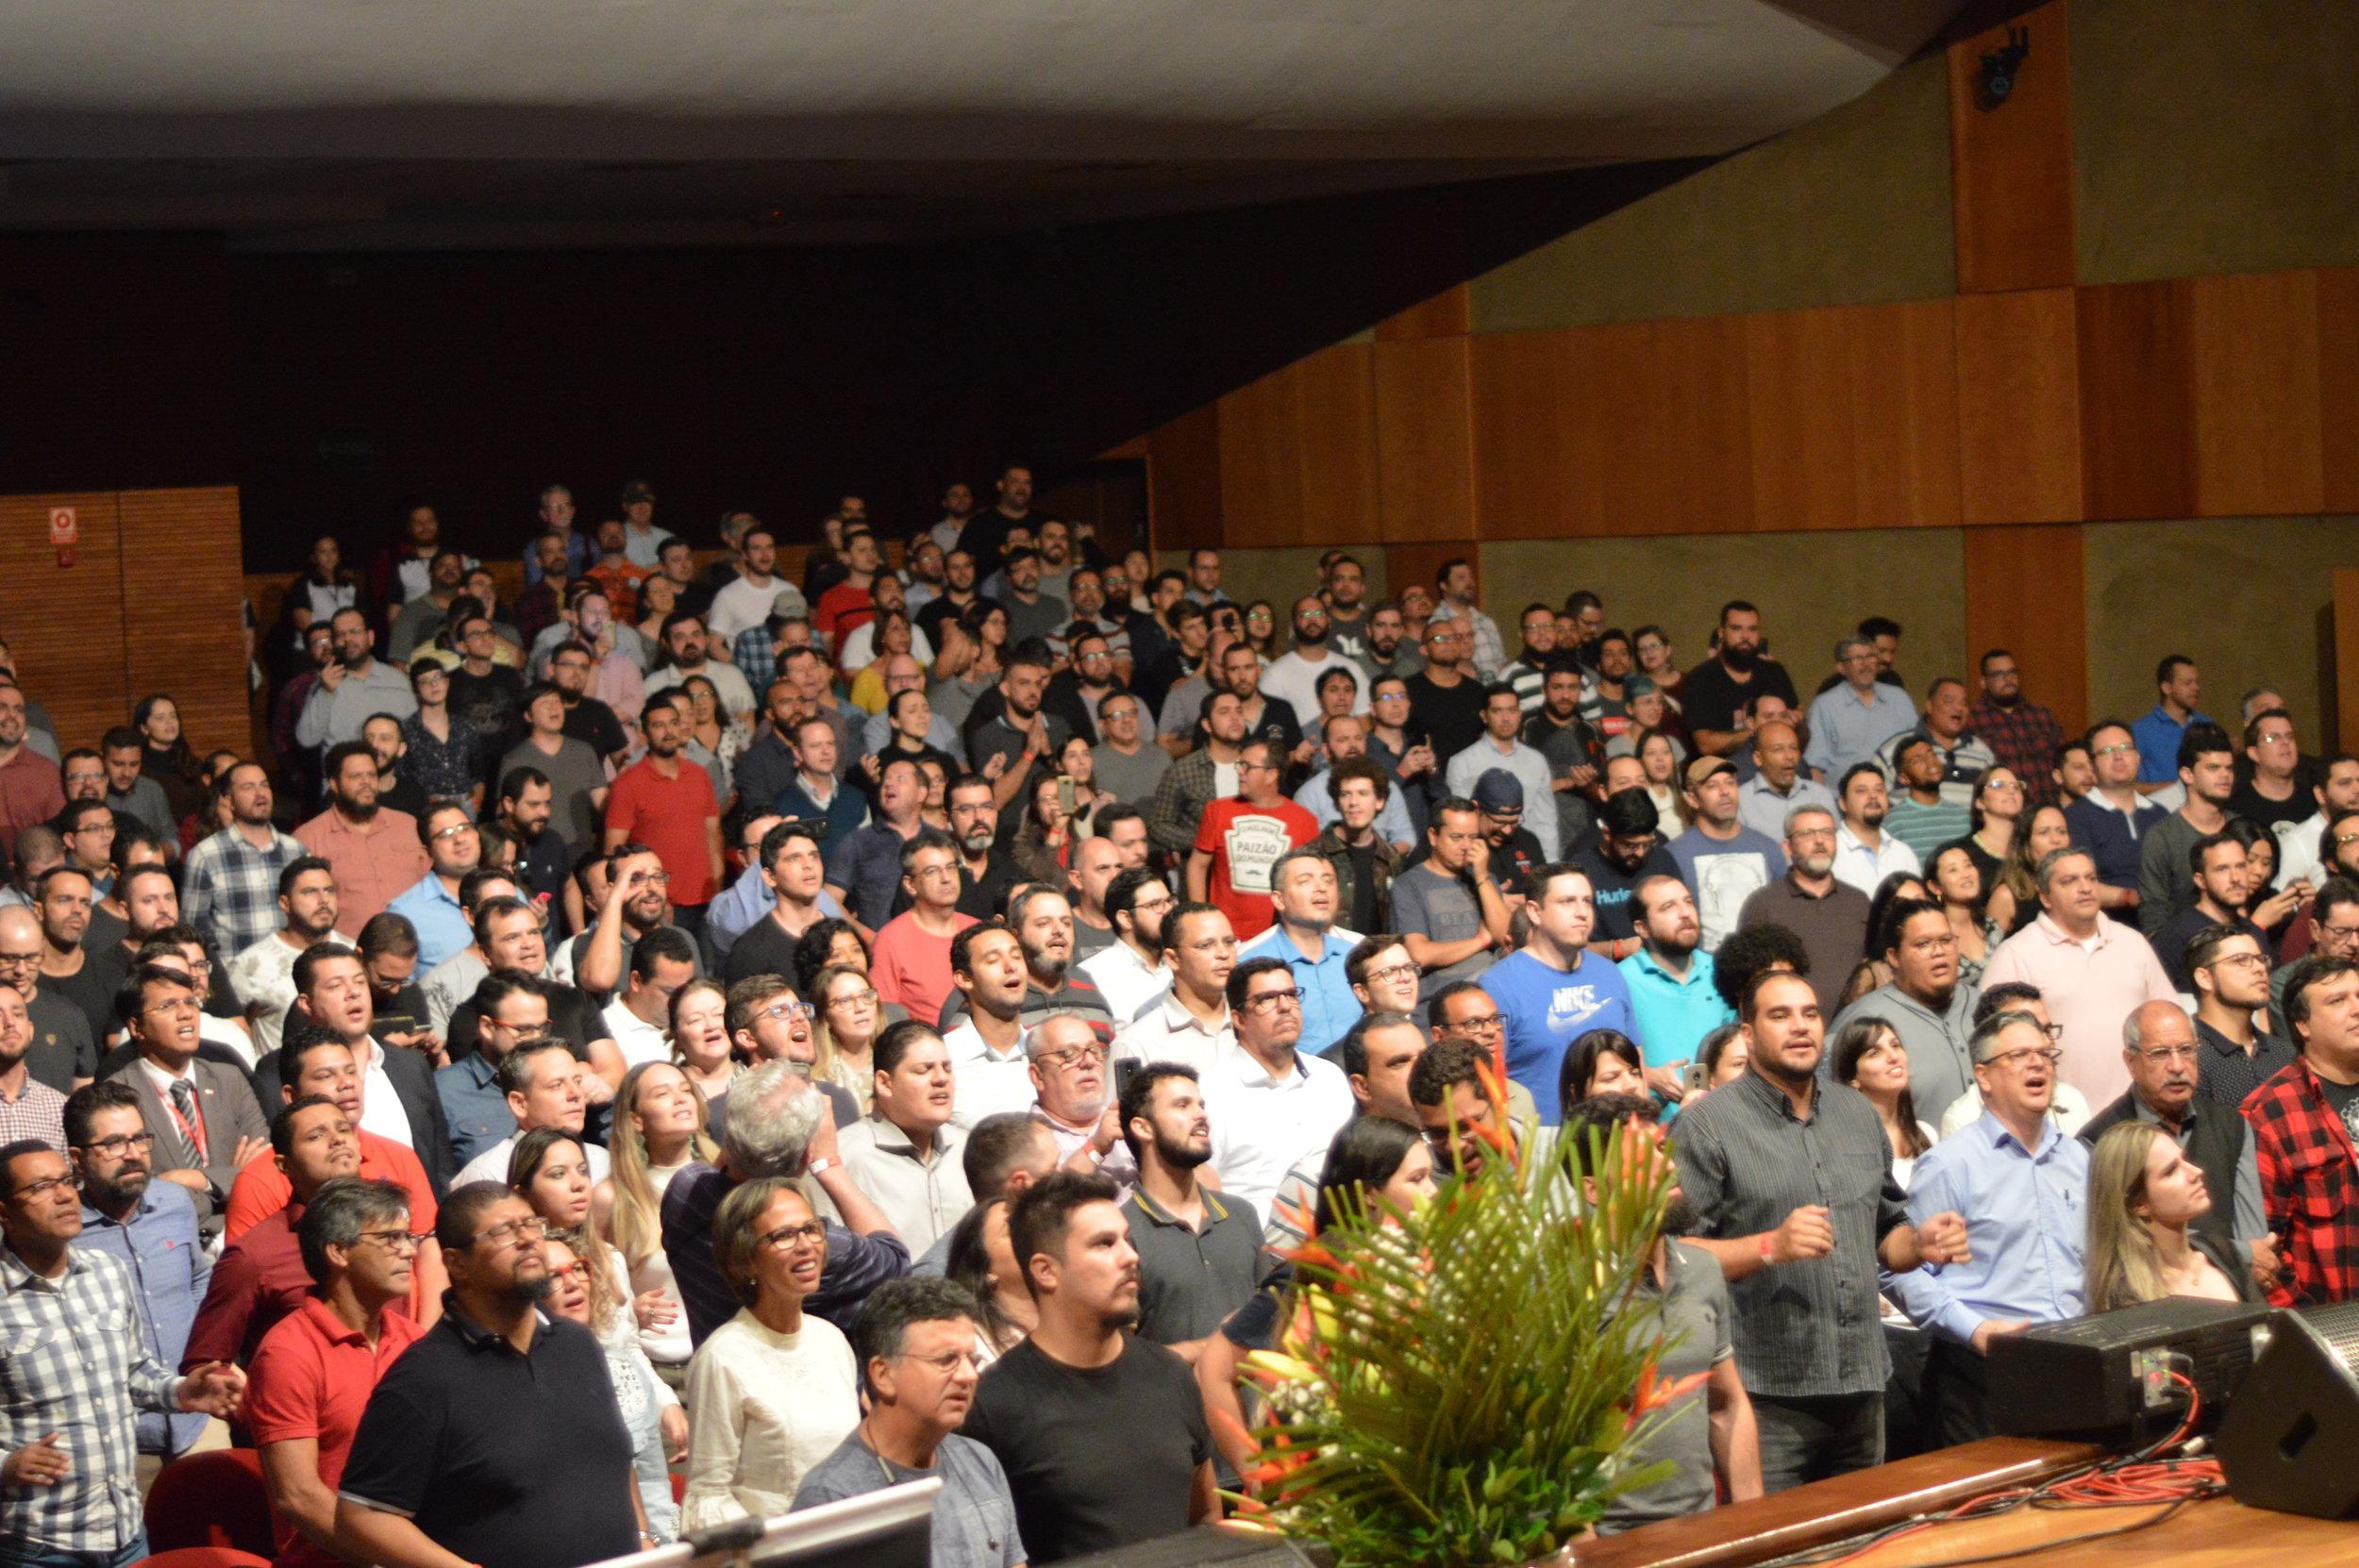 visão - Uma igreja global que transforma vidas, renova a cidade porque está centrada no evangelho de Jesus Cristo.